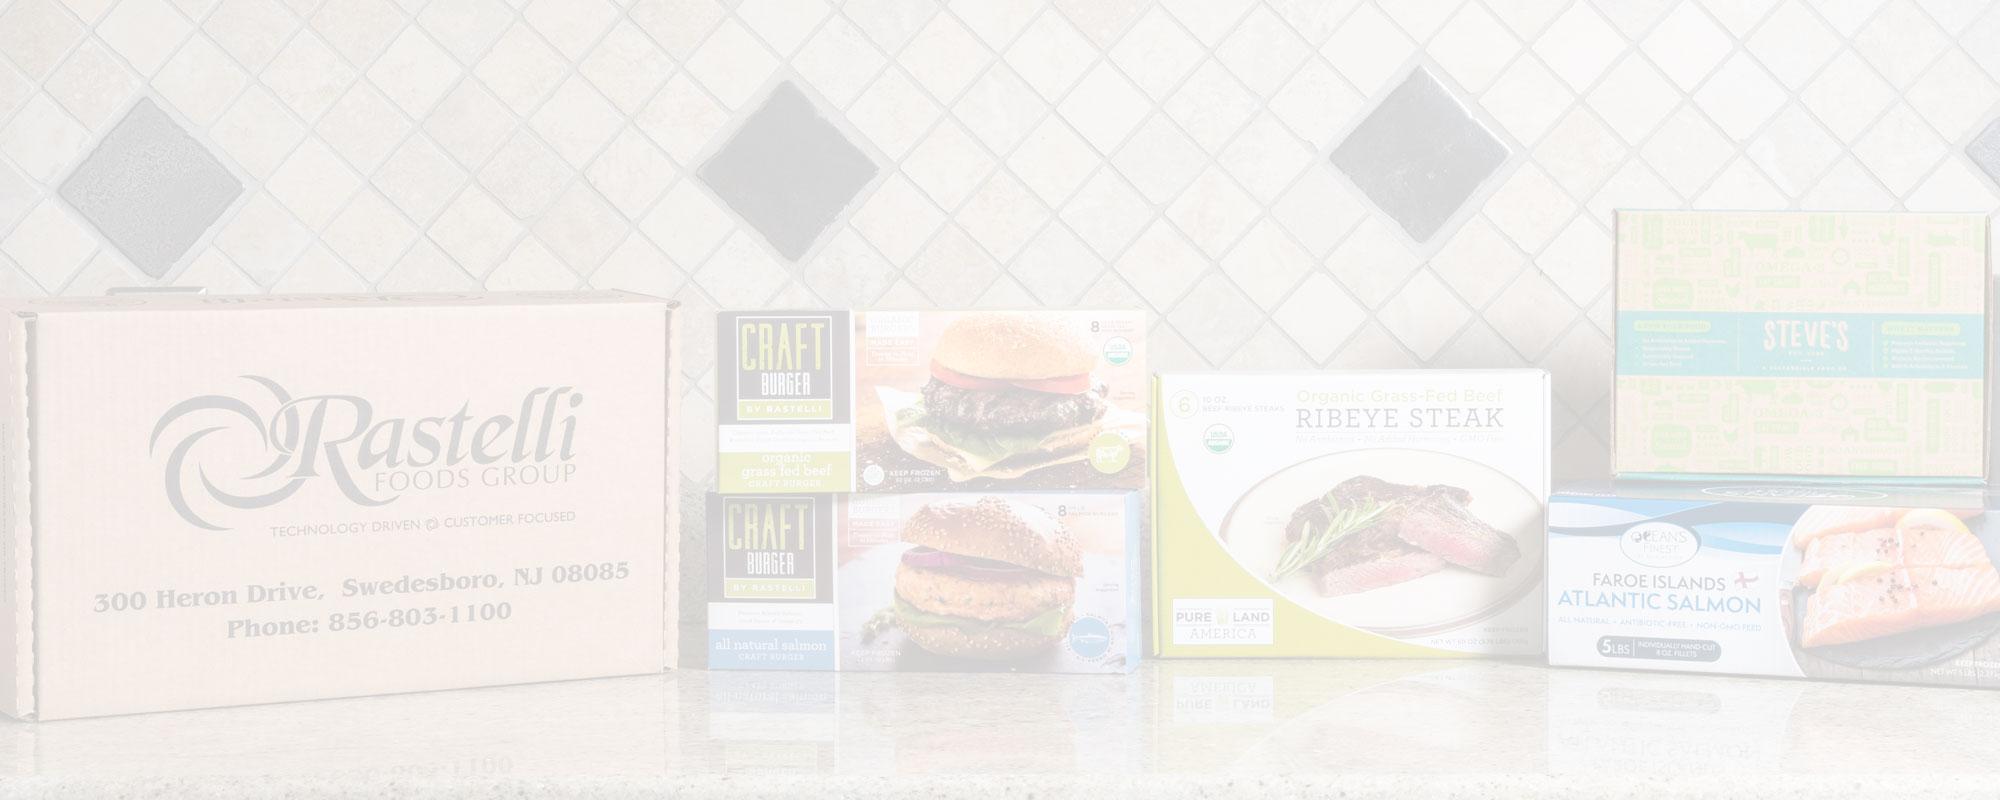 Rastelli Foods Product Variety